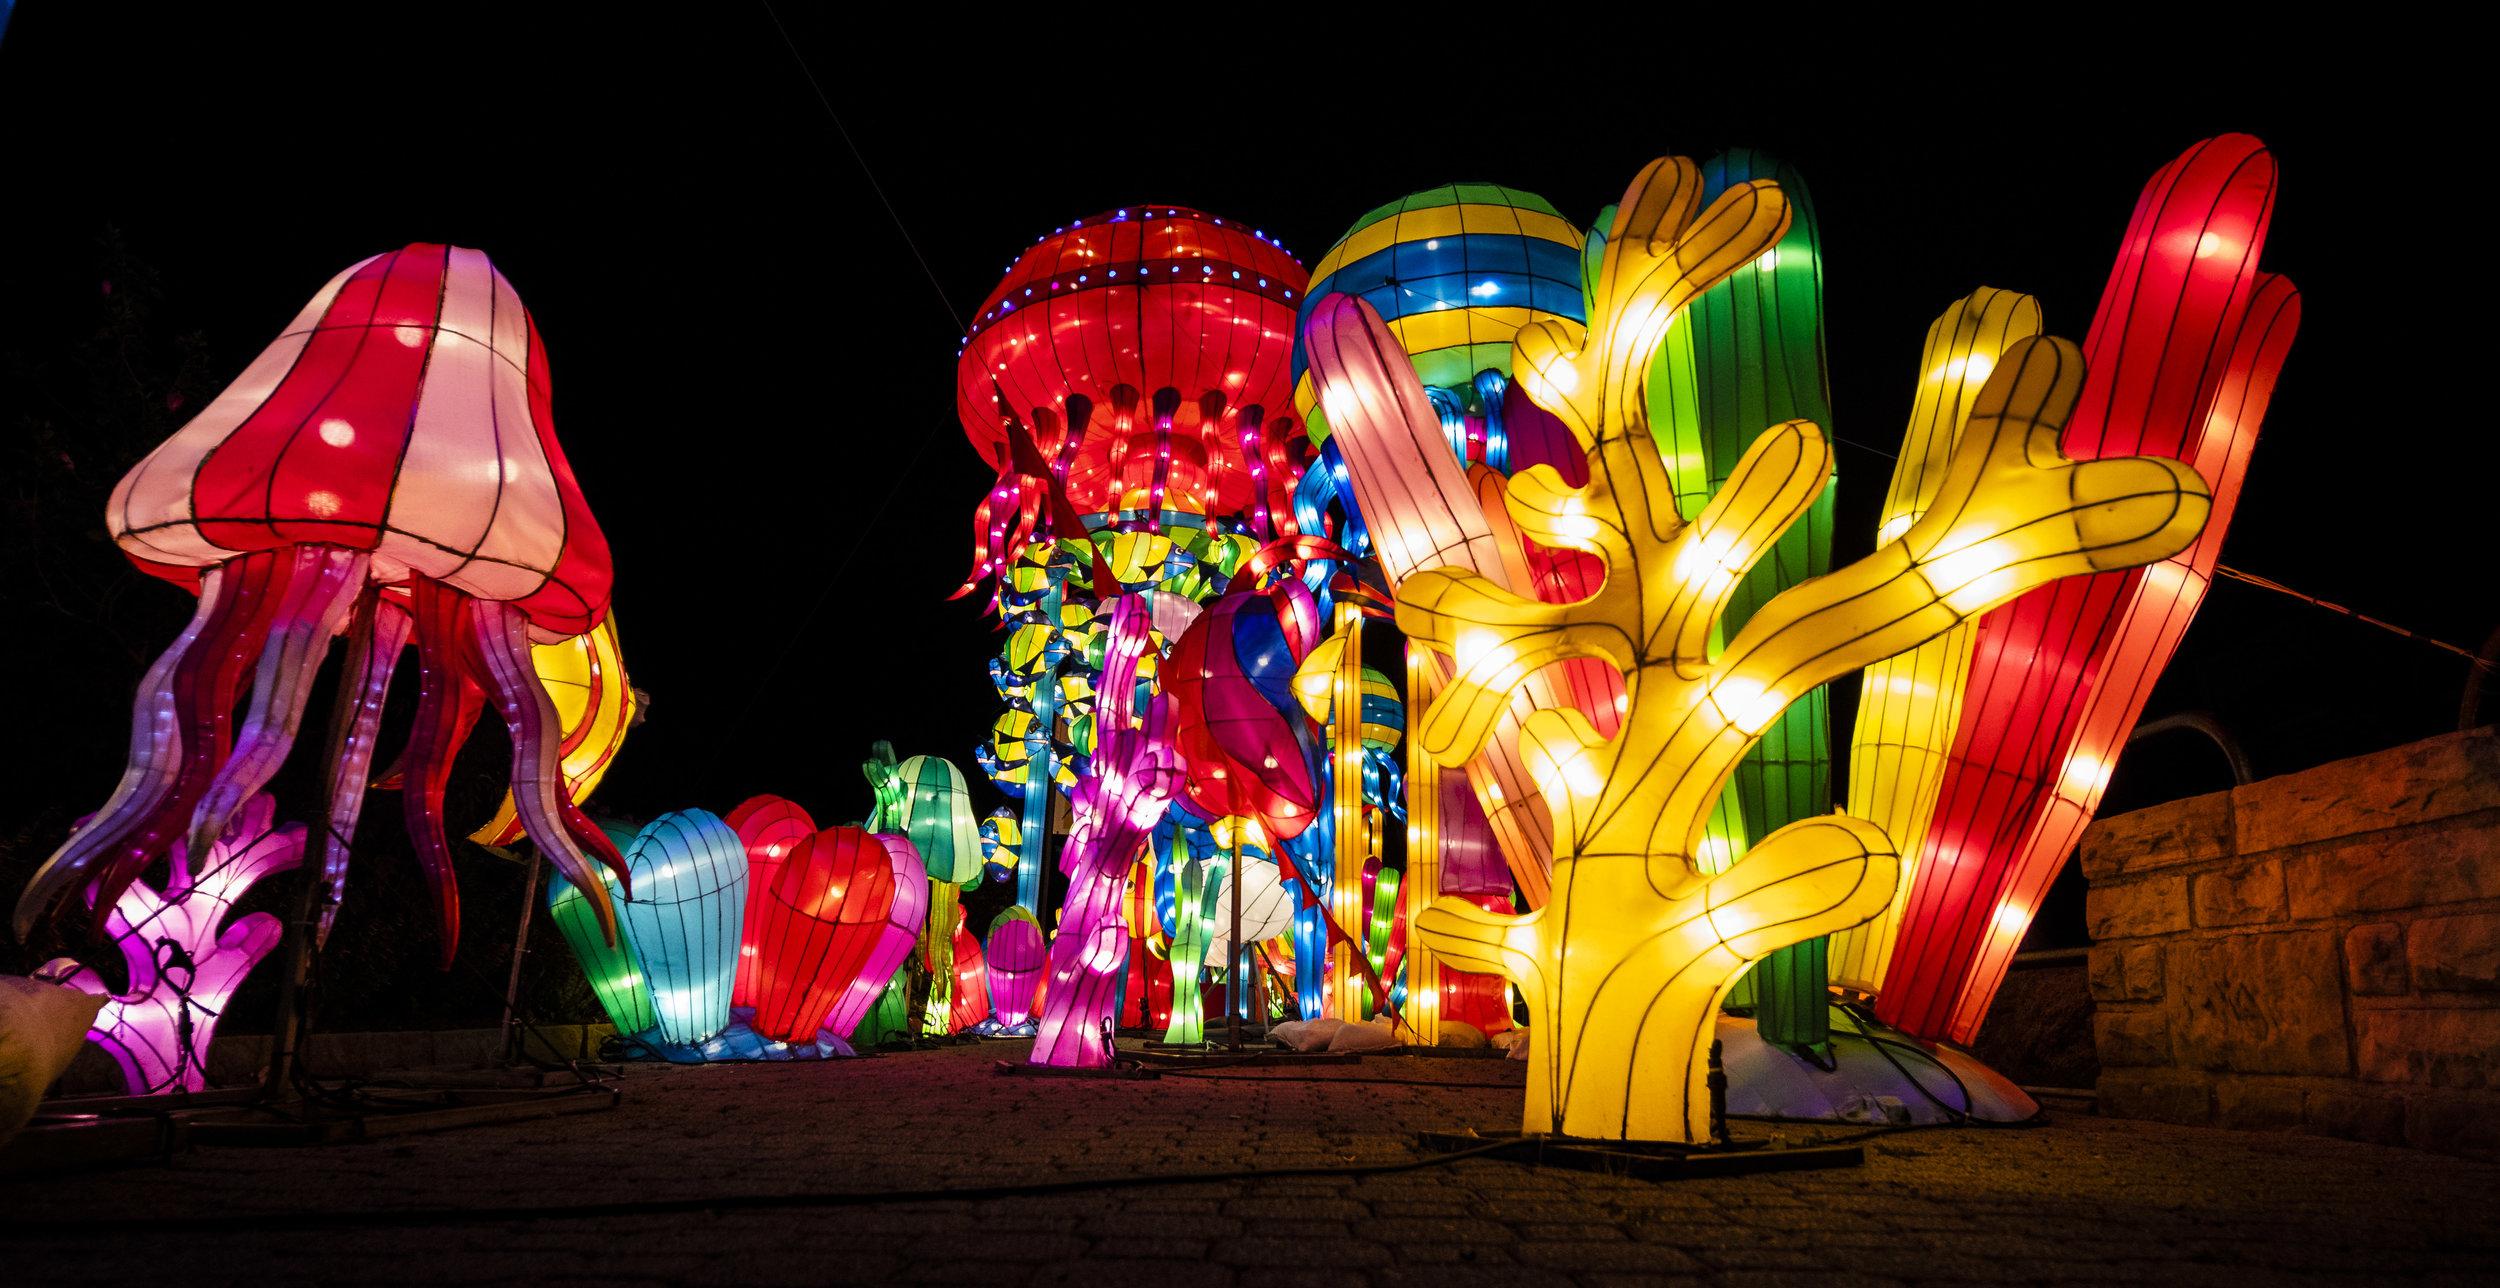 Asian Lanterns38.jpg